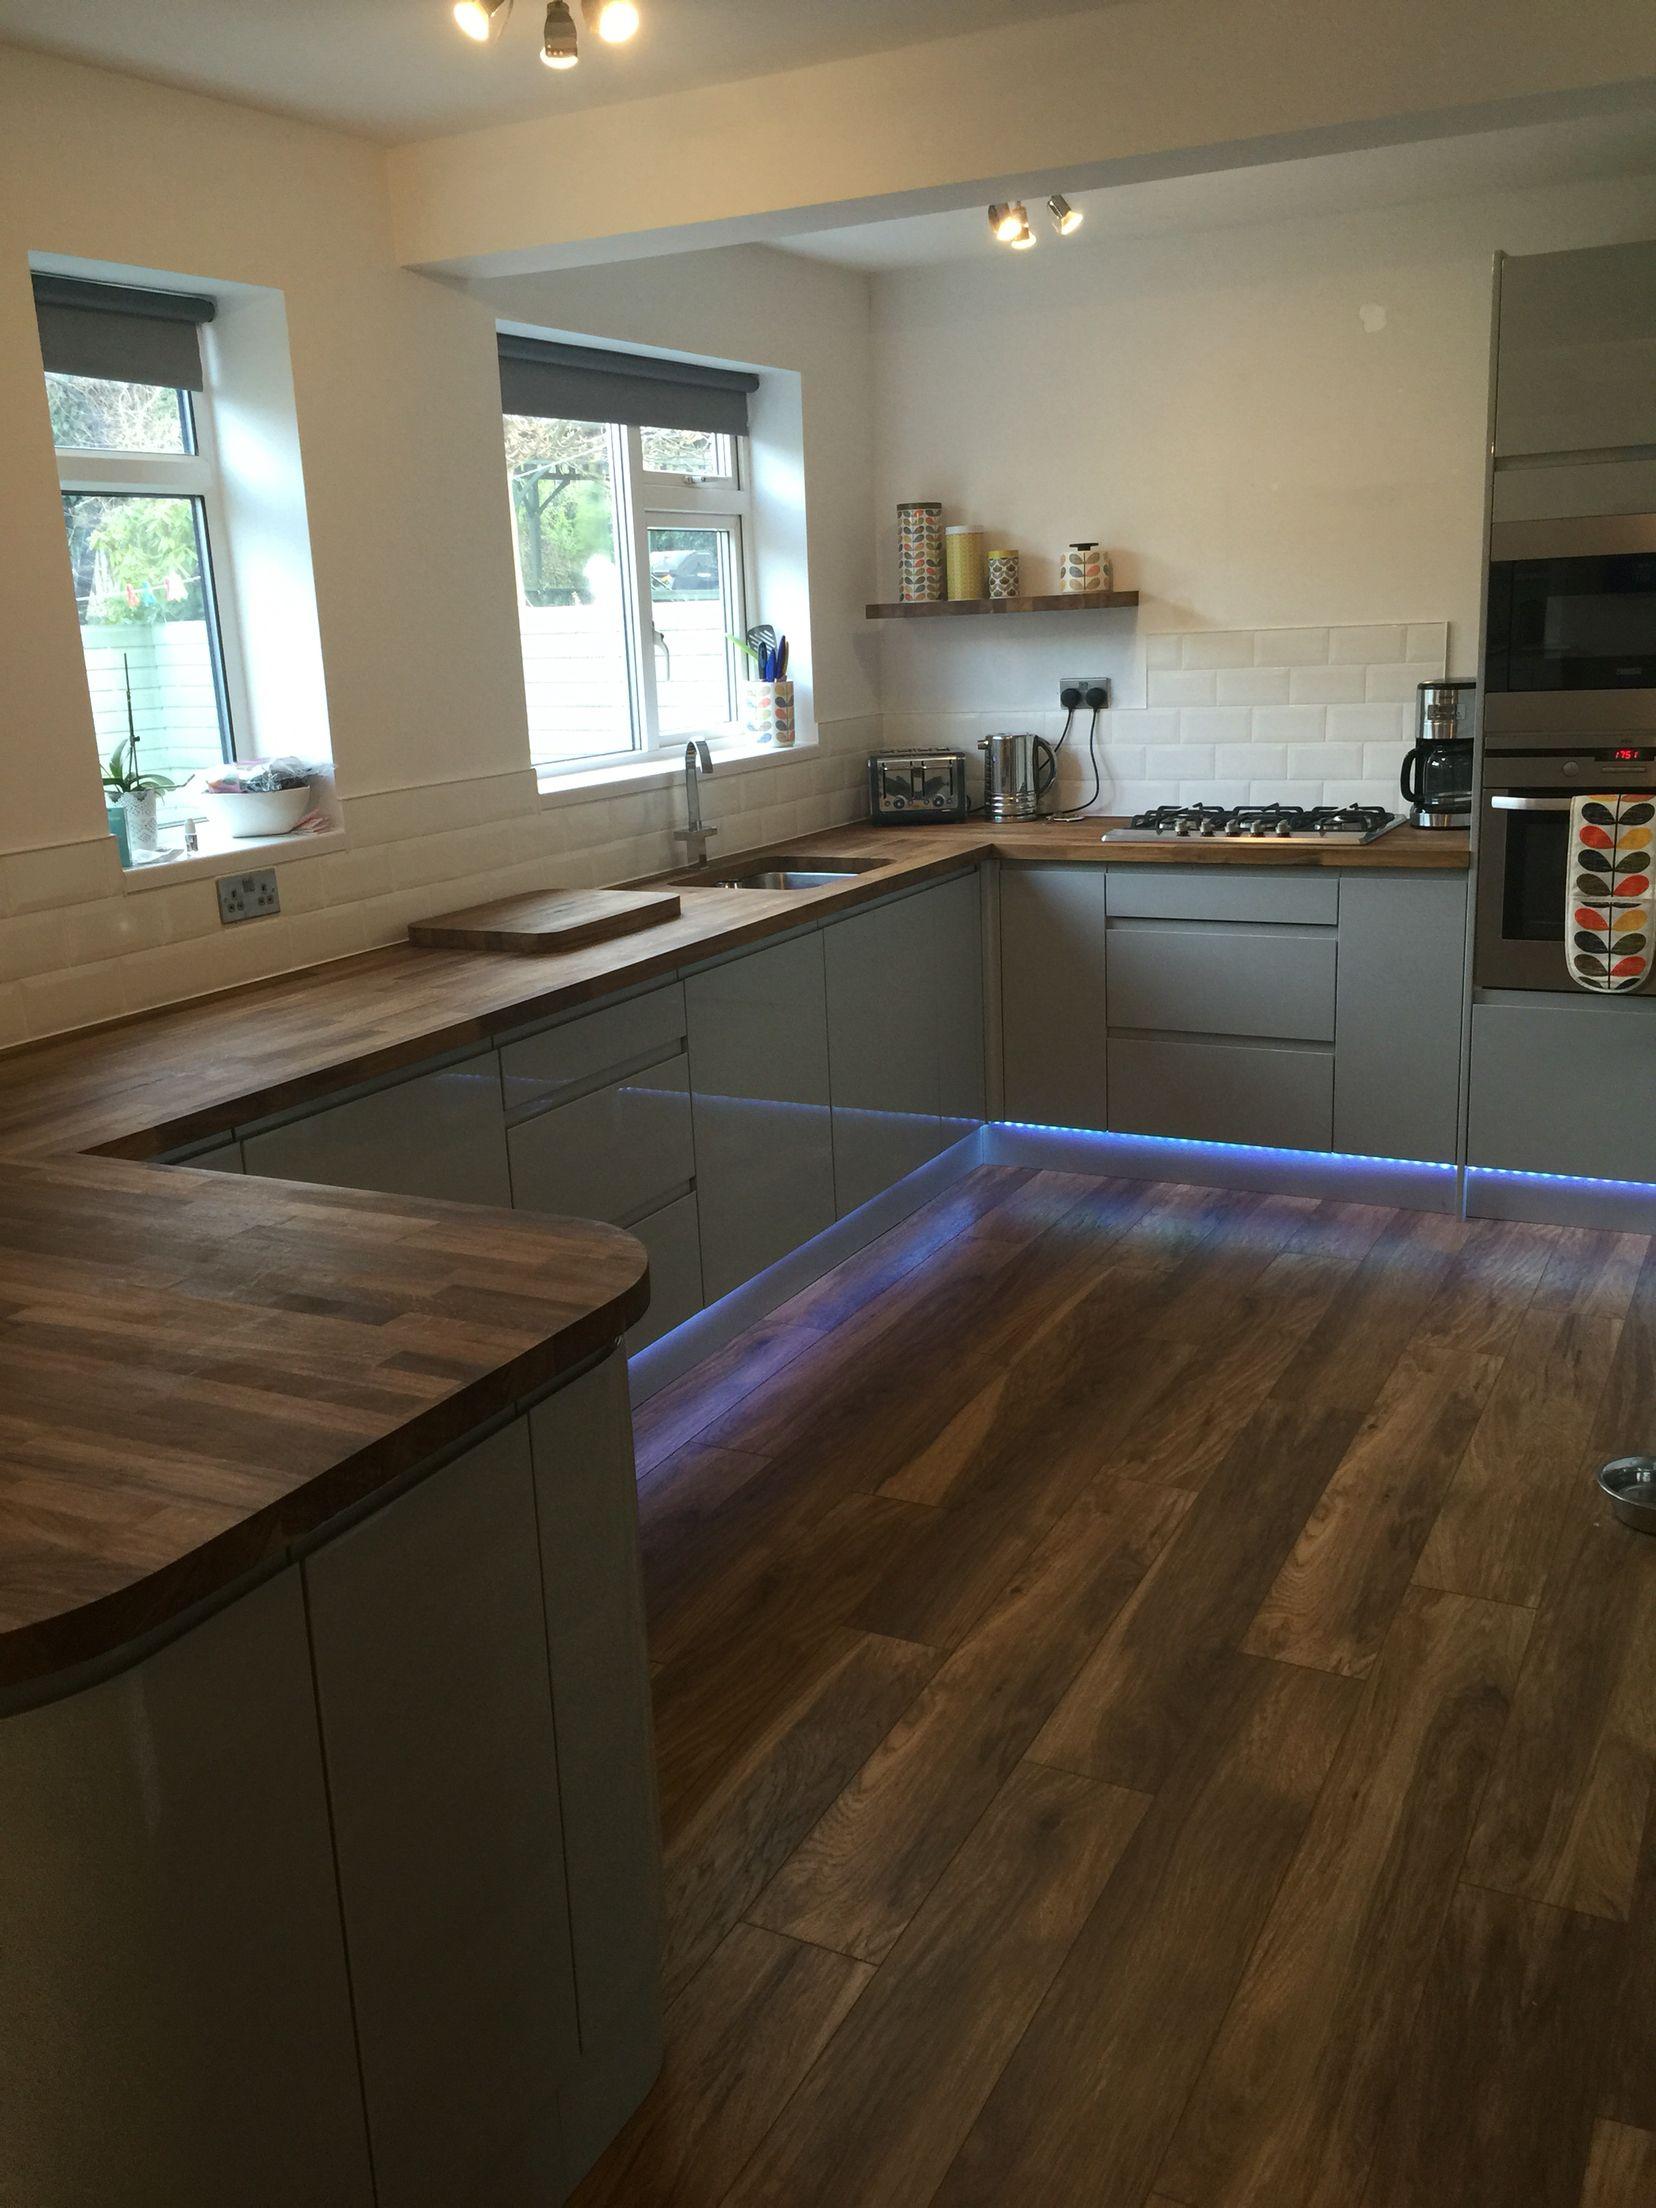 Grey Gloss Handless Kitchen With Oak Worktop Industrial Chic Gloss Kitchen Cabinets Grey Gloss Kitchen Kitchen Design